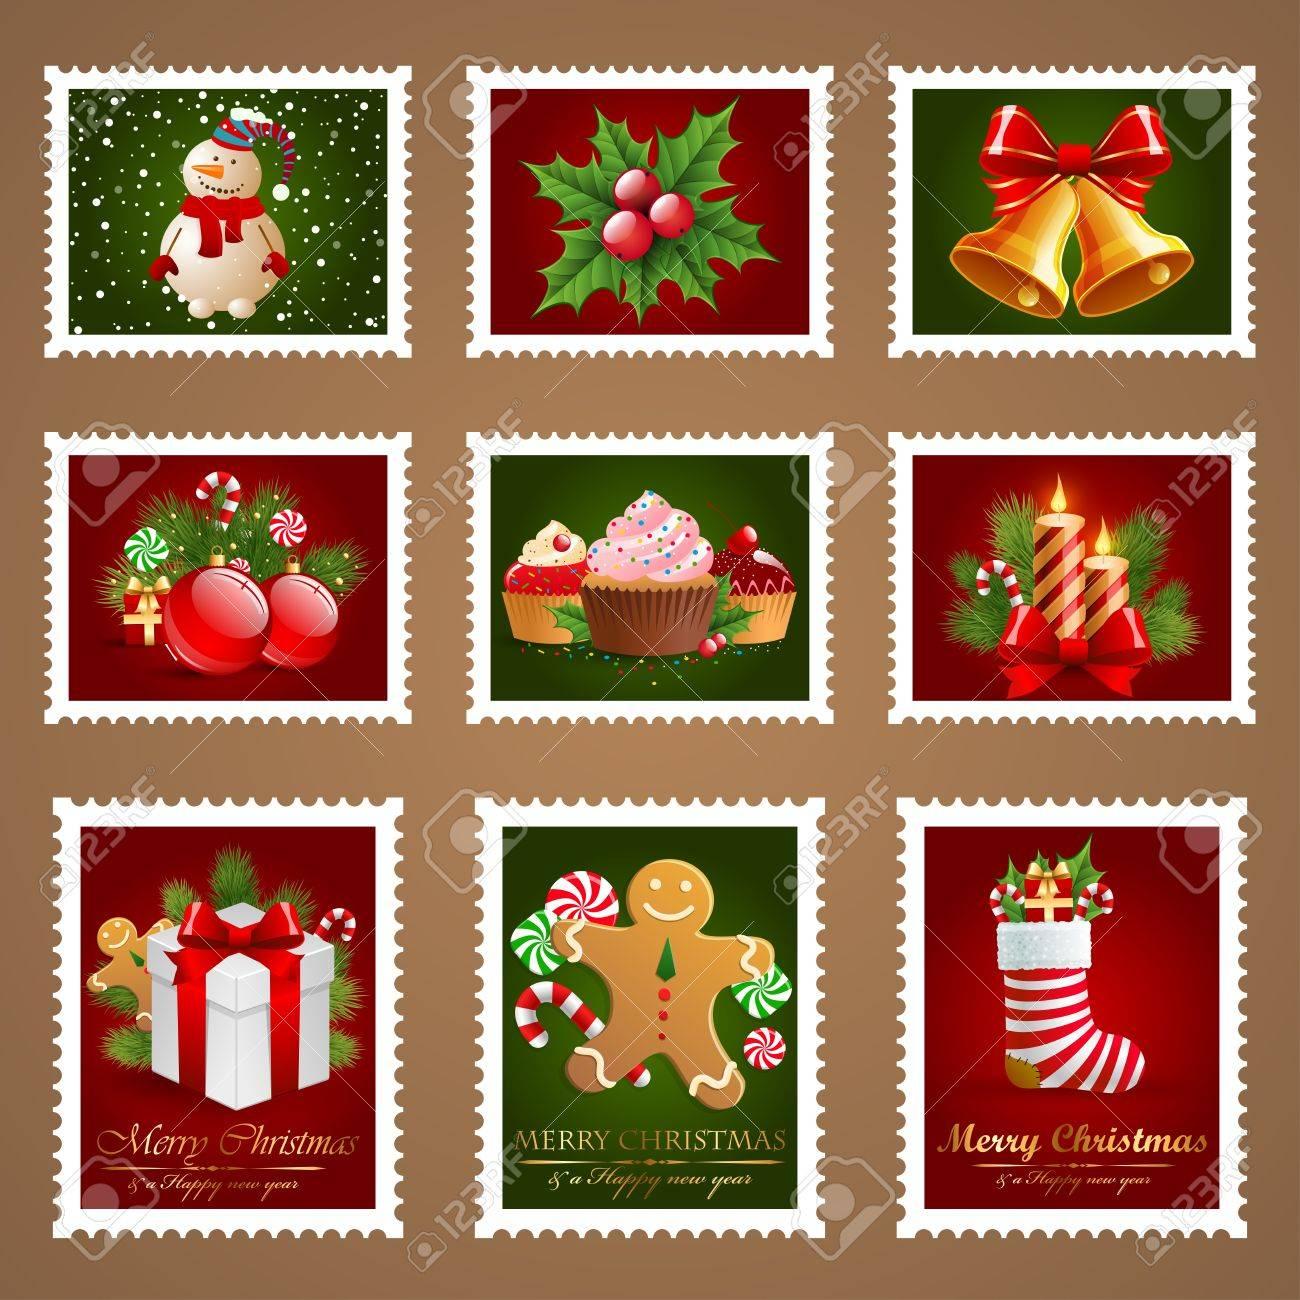 Christmas postage set. Stock Vector - 11656469